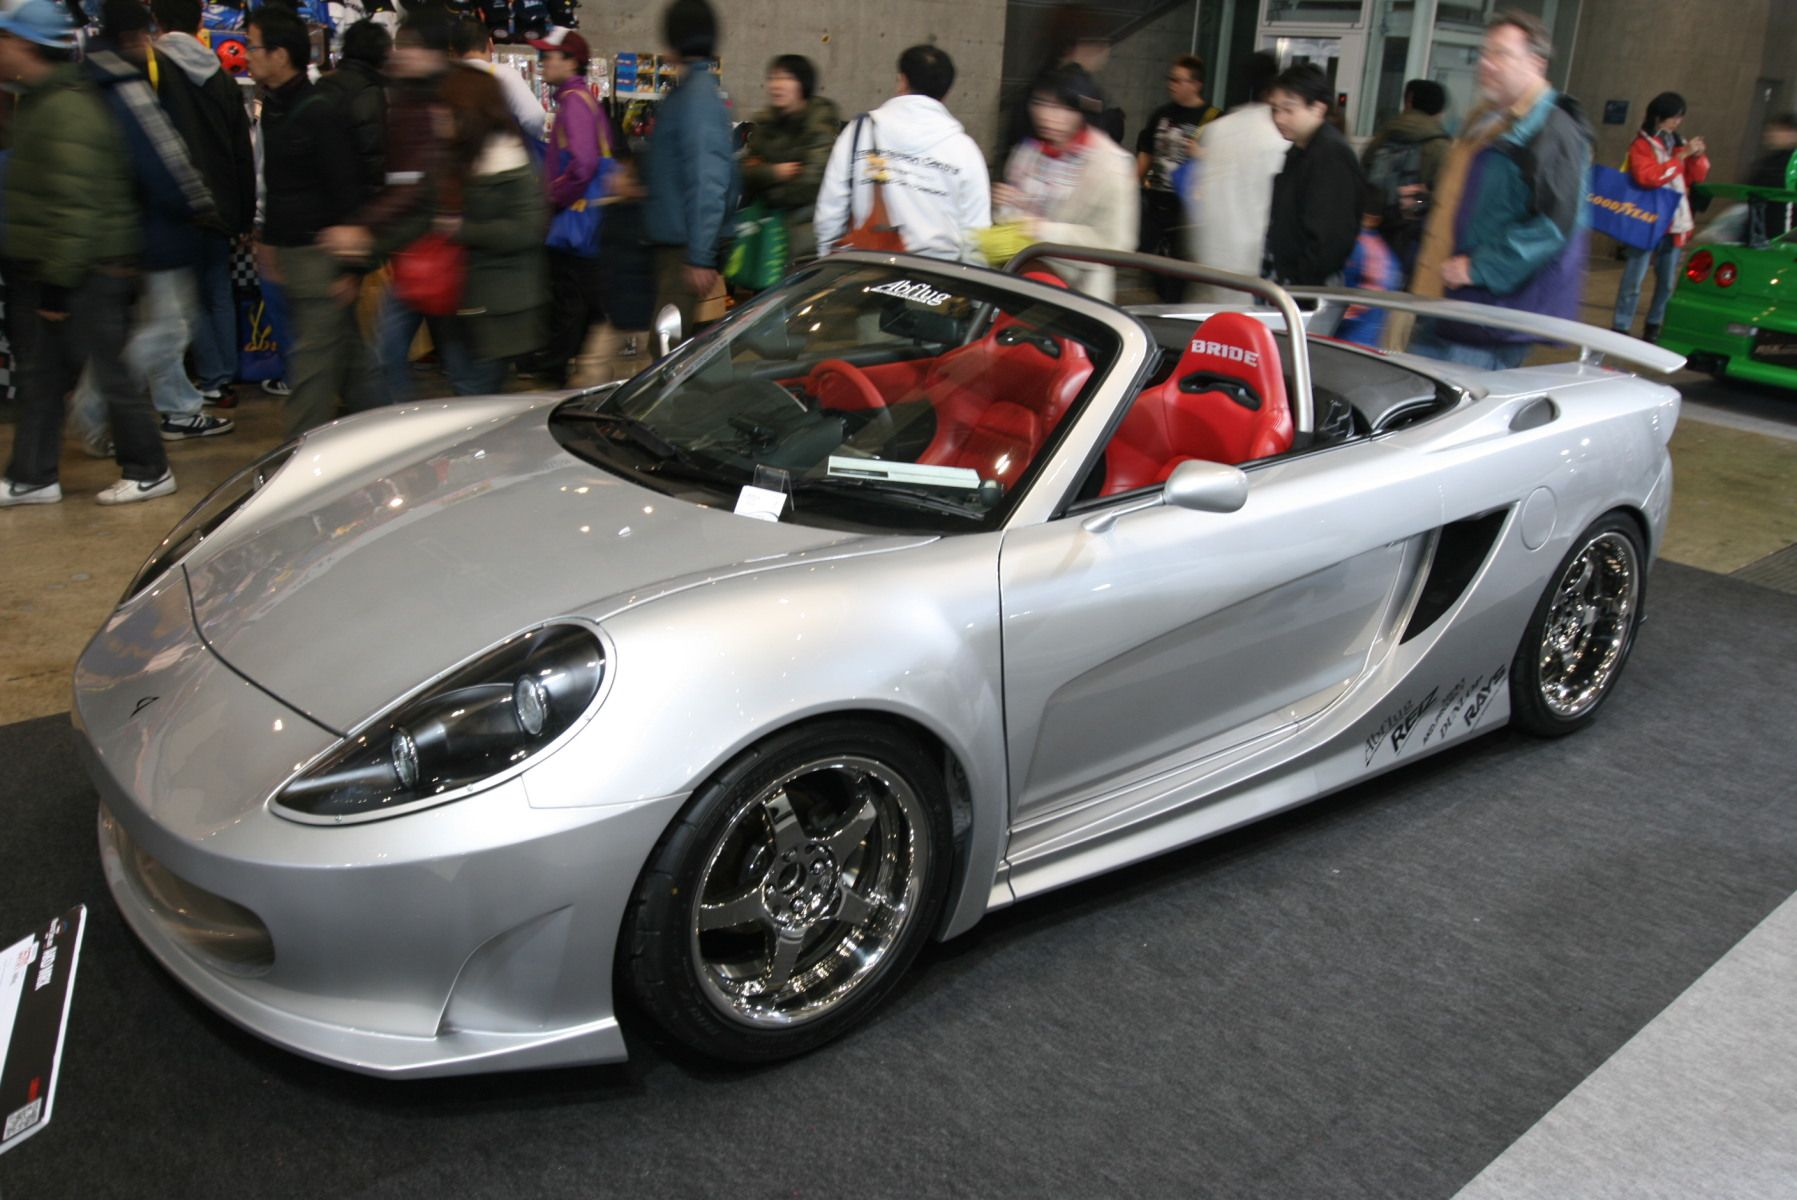 Toyota - Spyder Ab Flug Mrx Body Kit 2gr V6